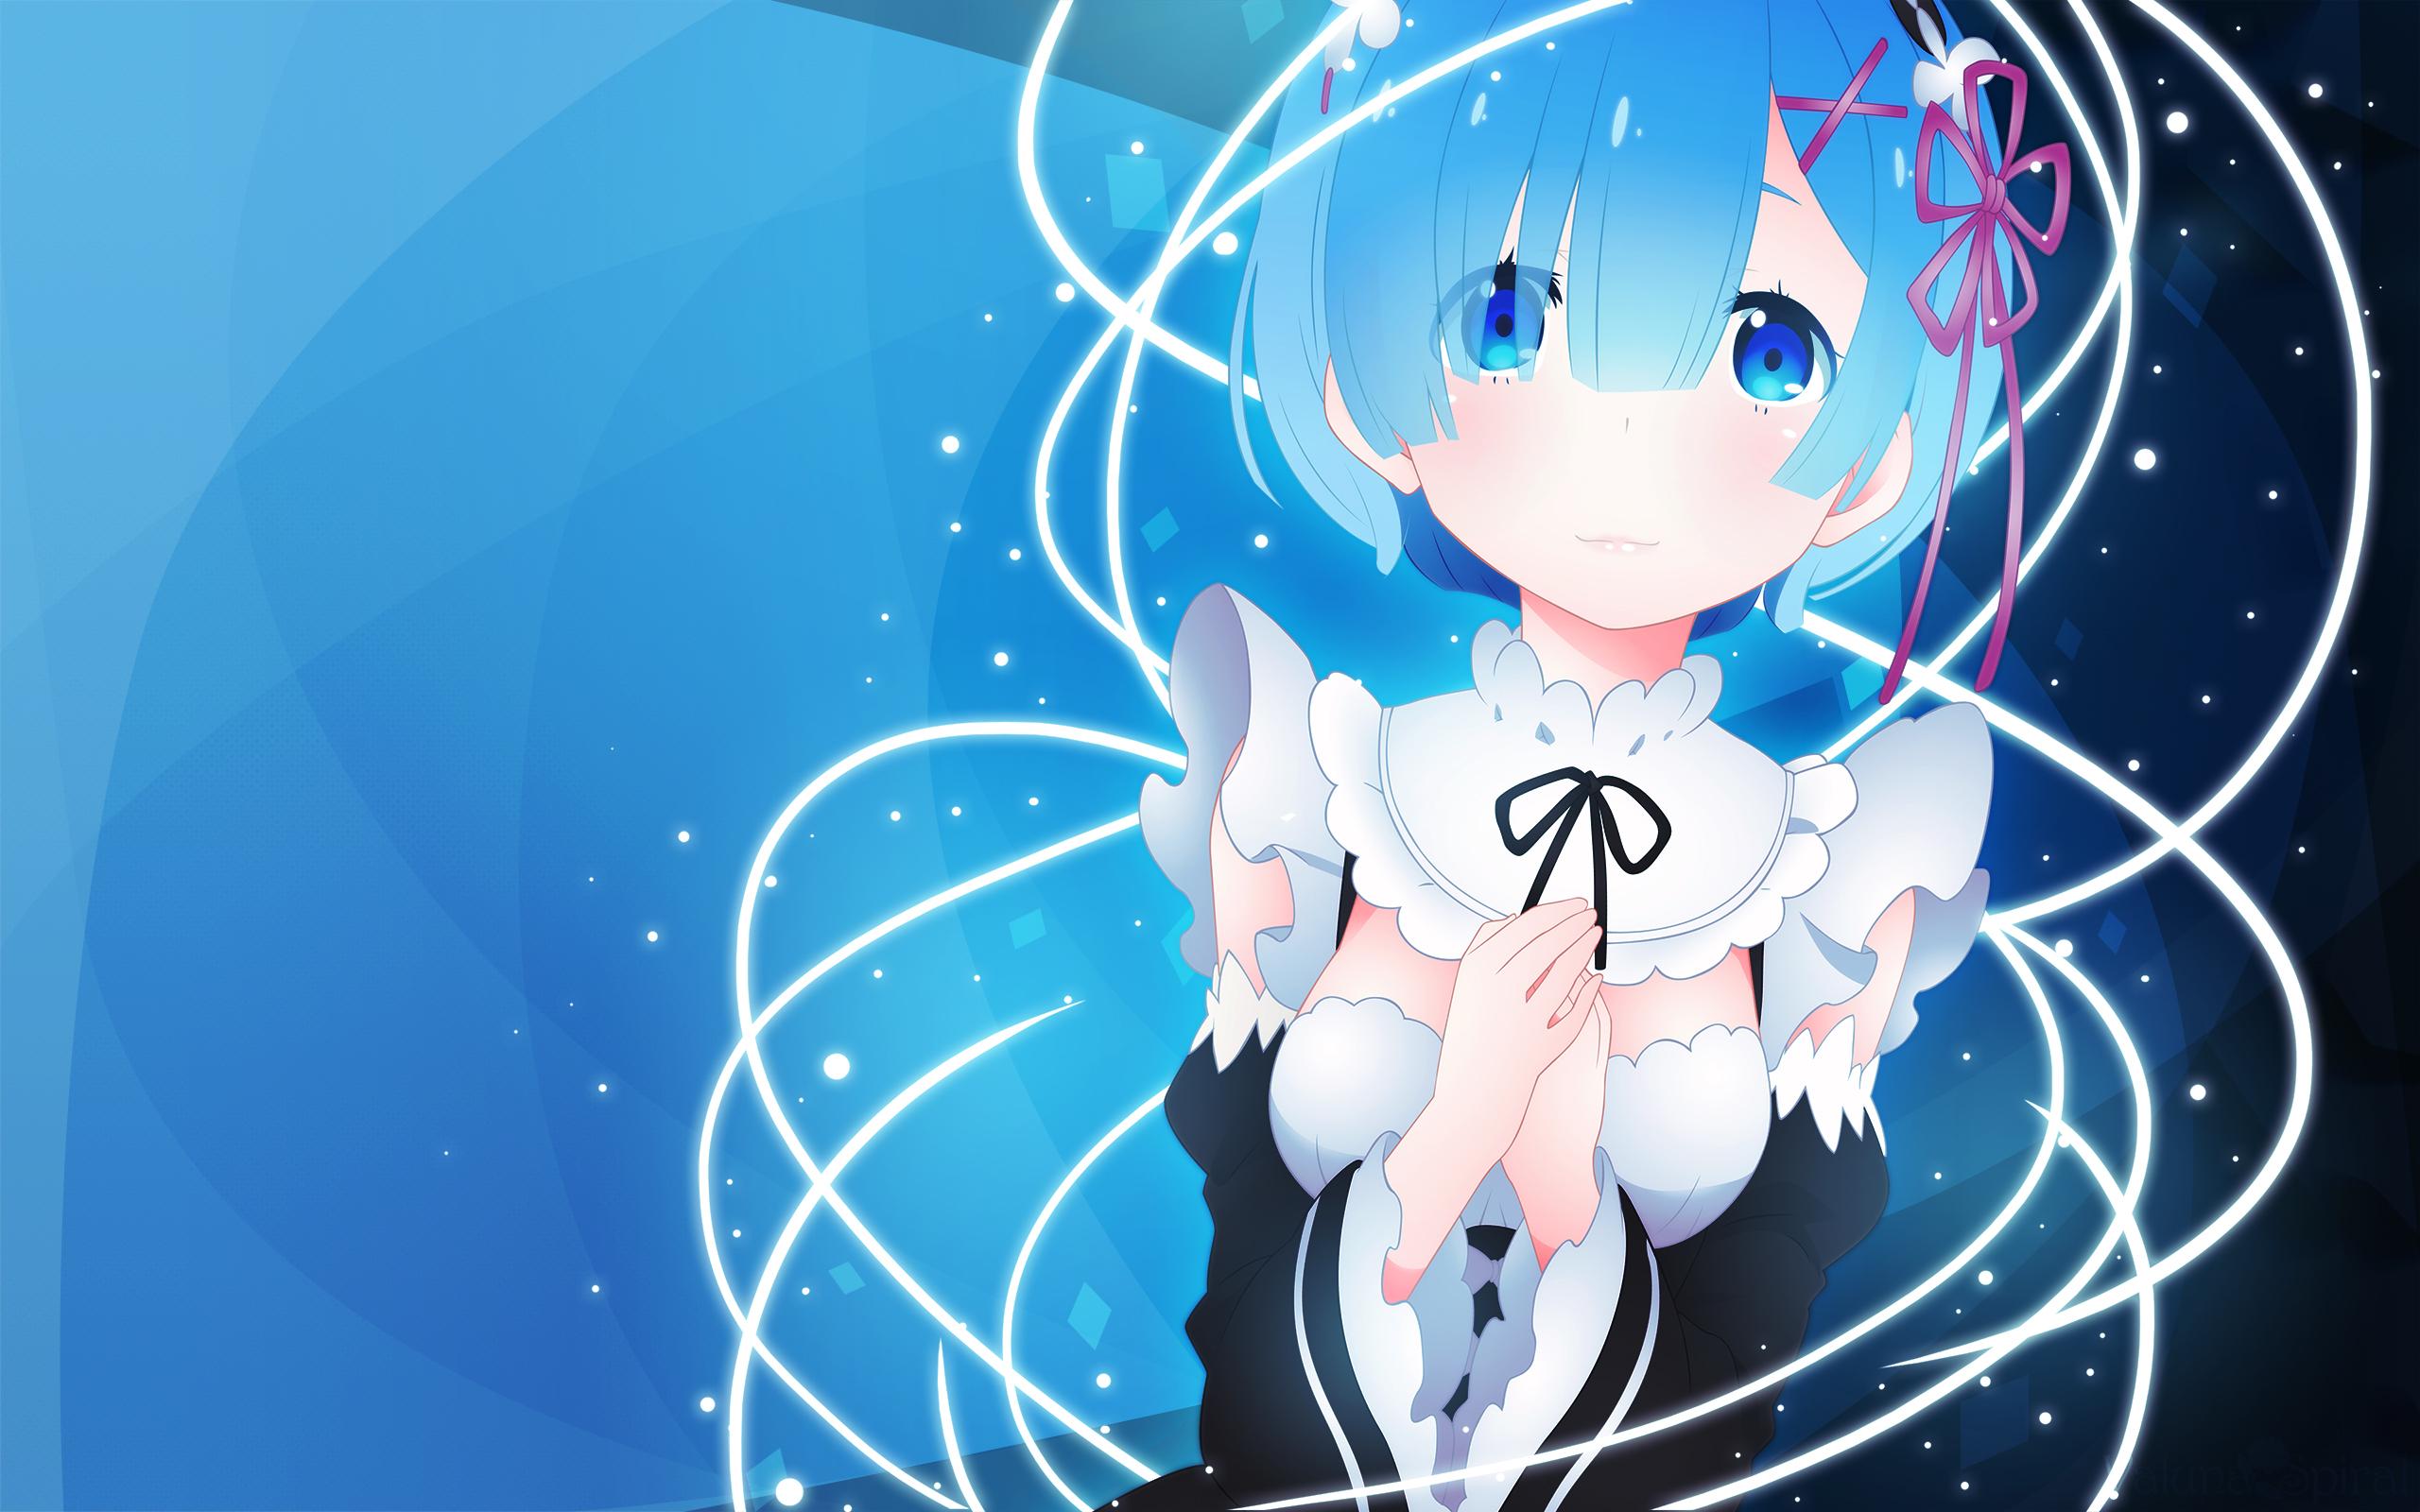 Re:Zero Wallpaper: Wishing - Minitokyo